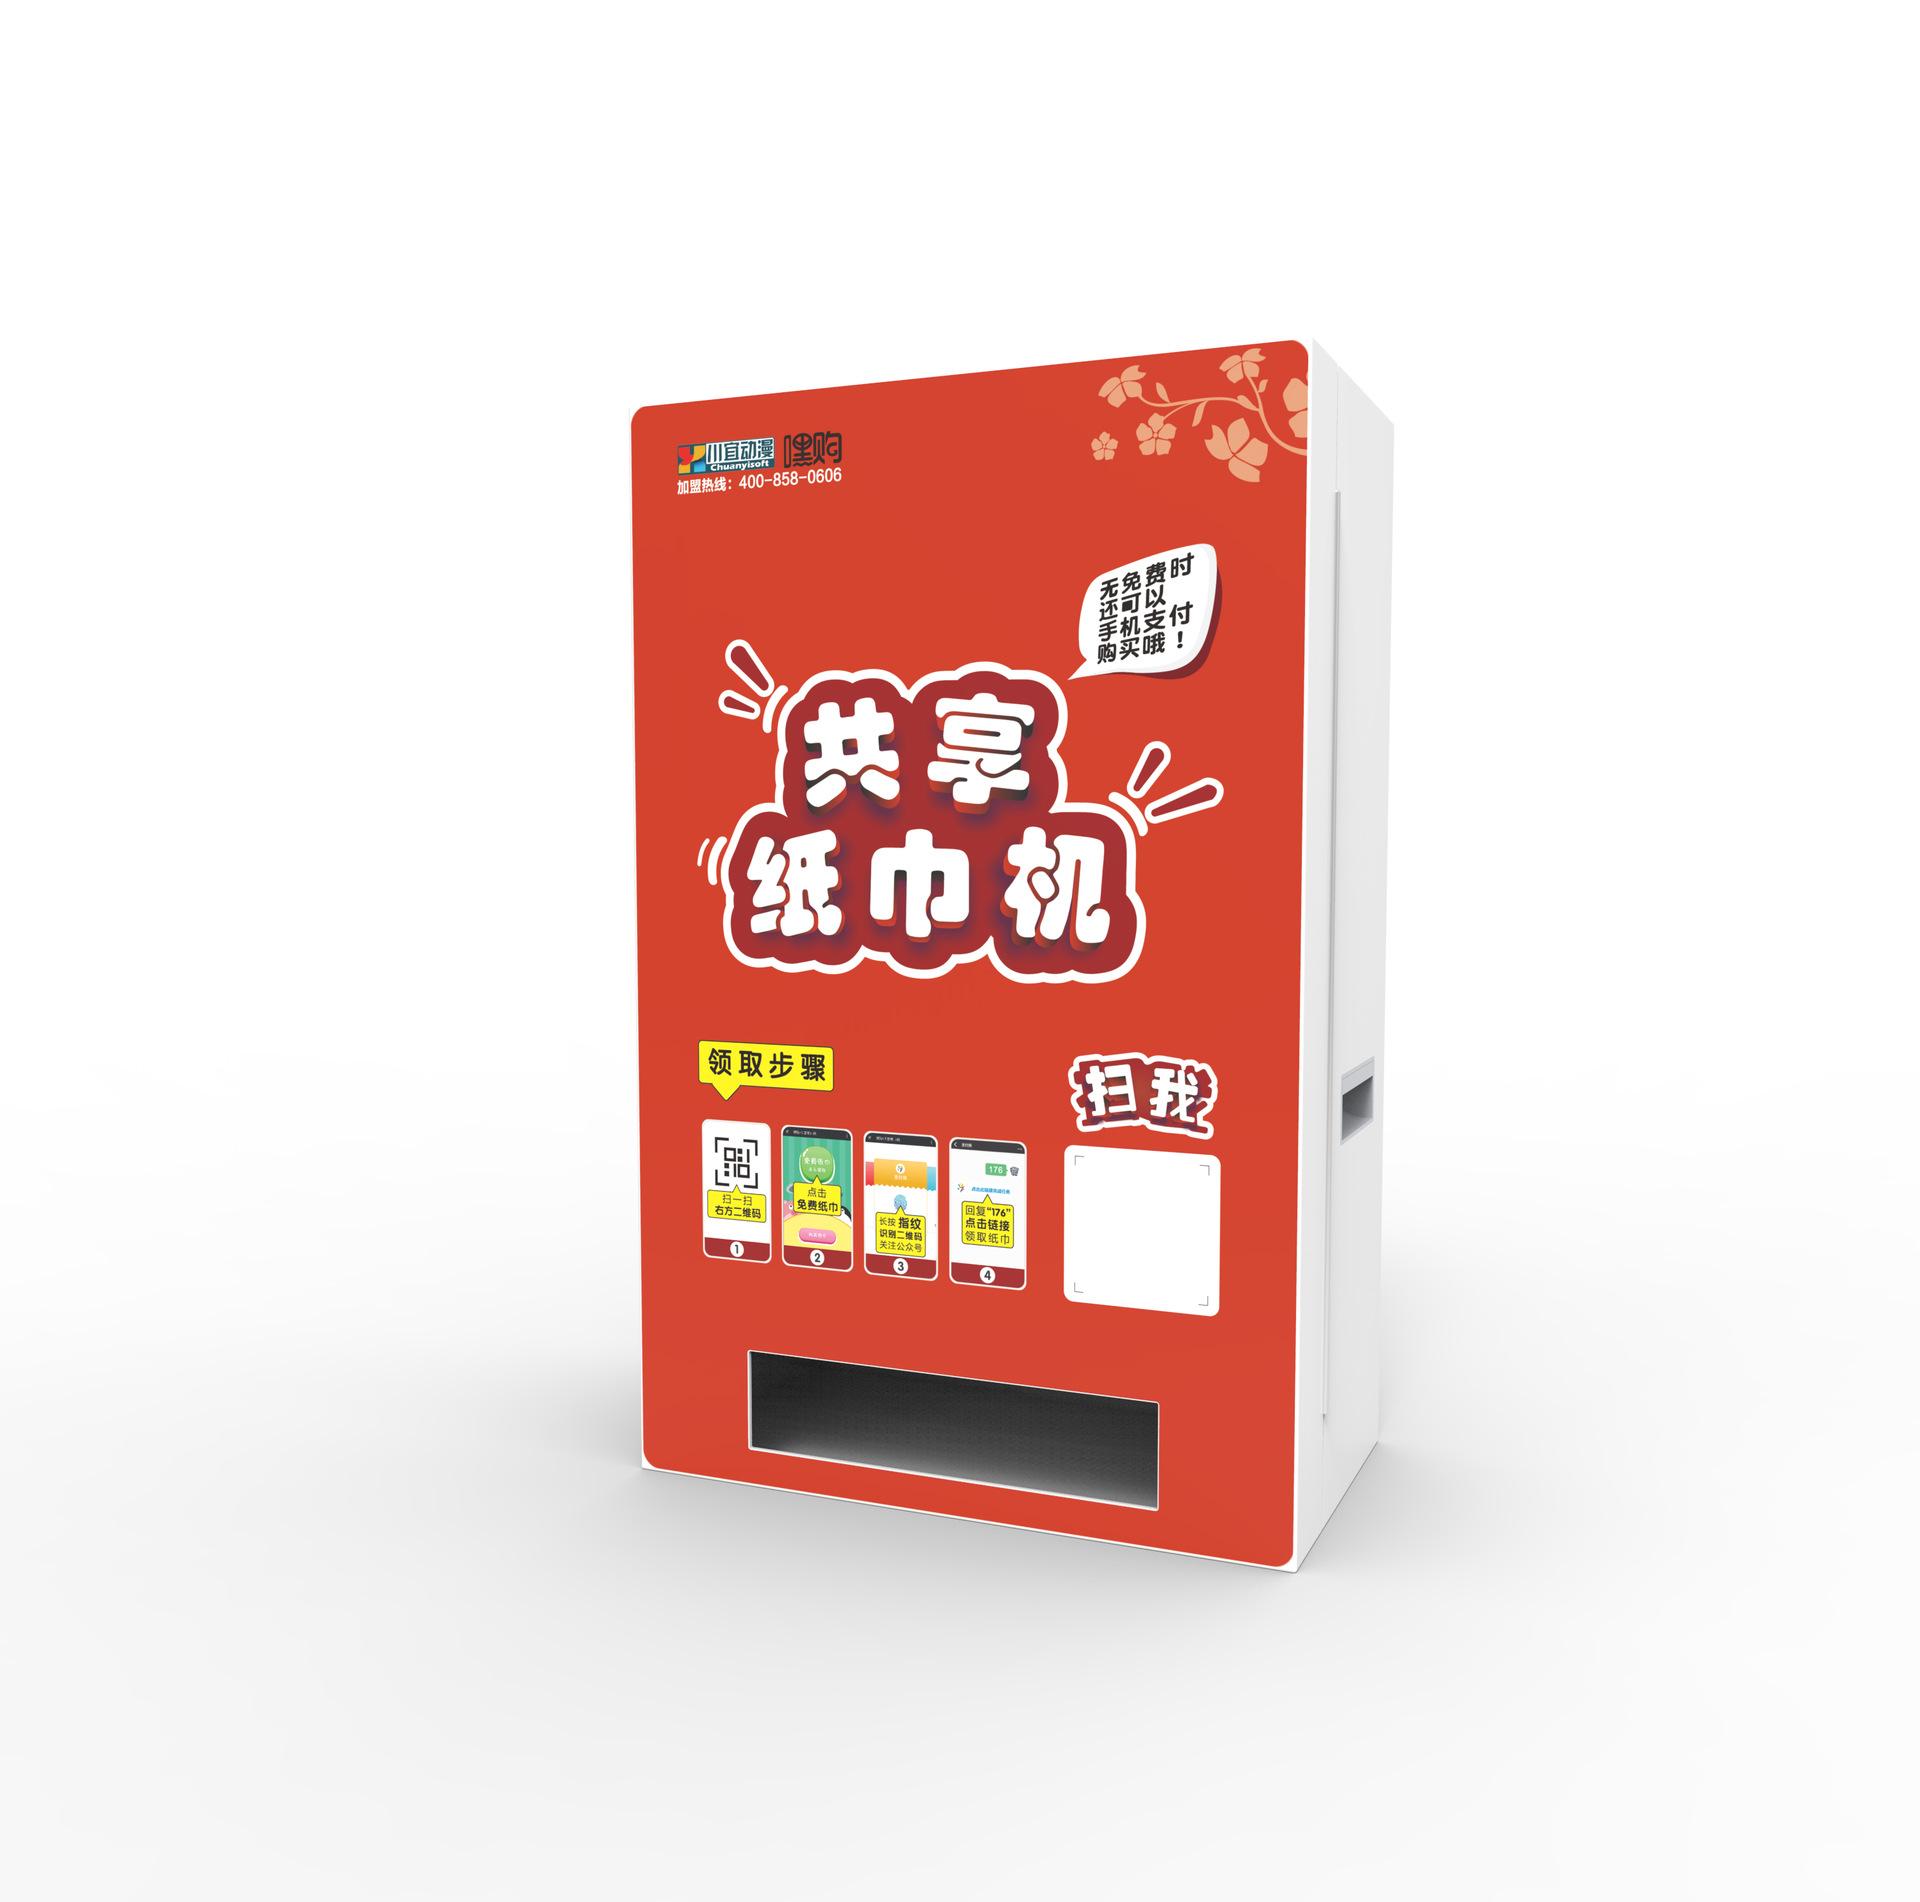 壁掛式自動售賣機